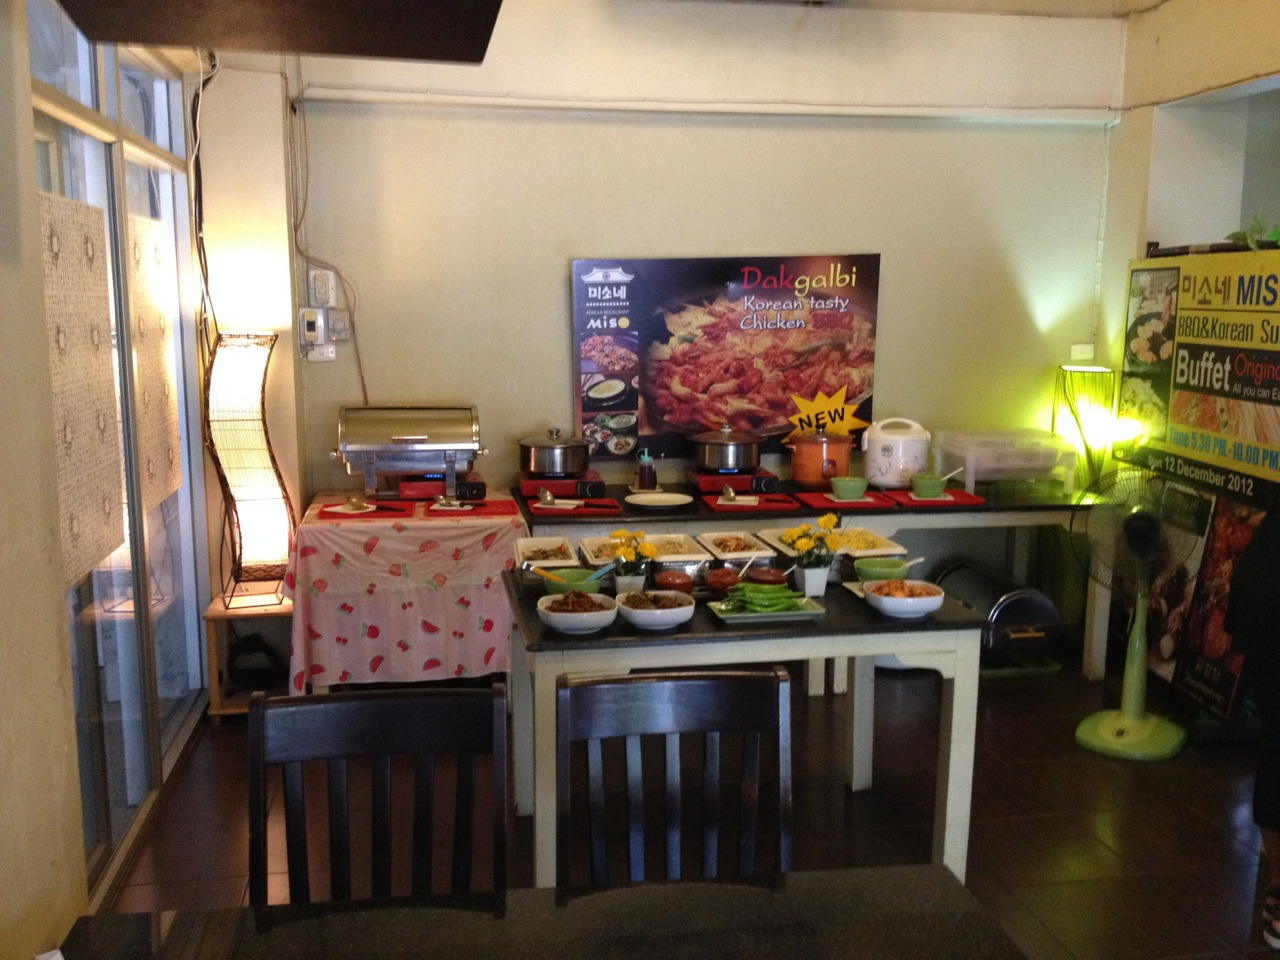 Misone restaurant